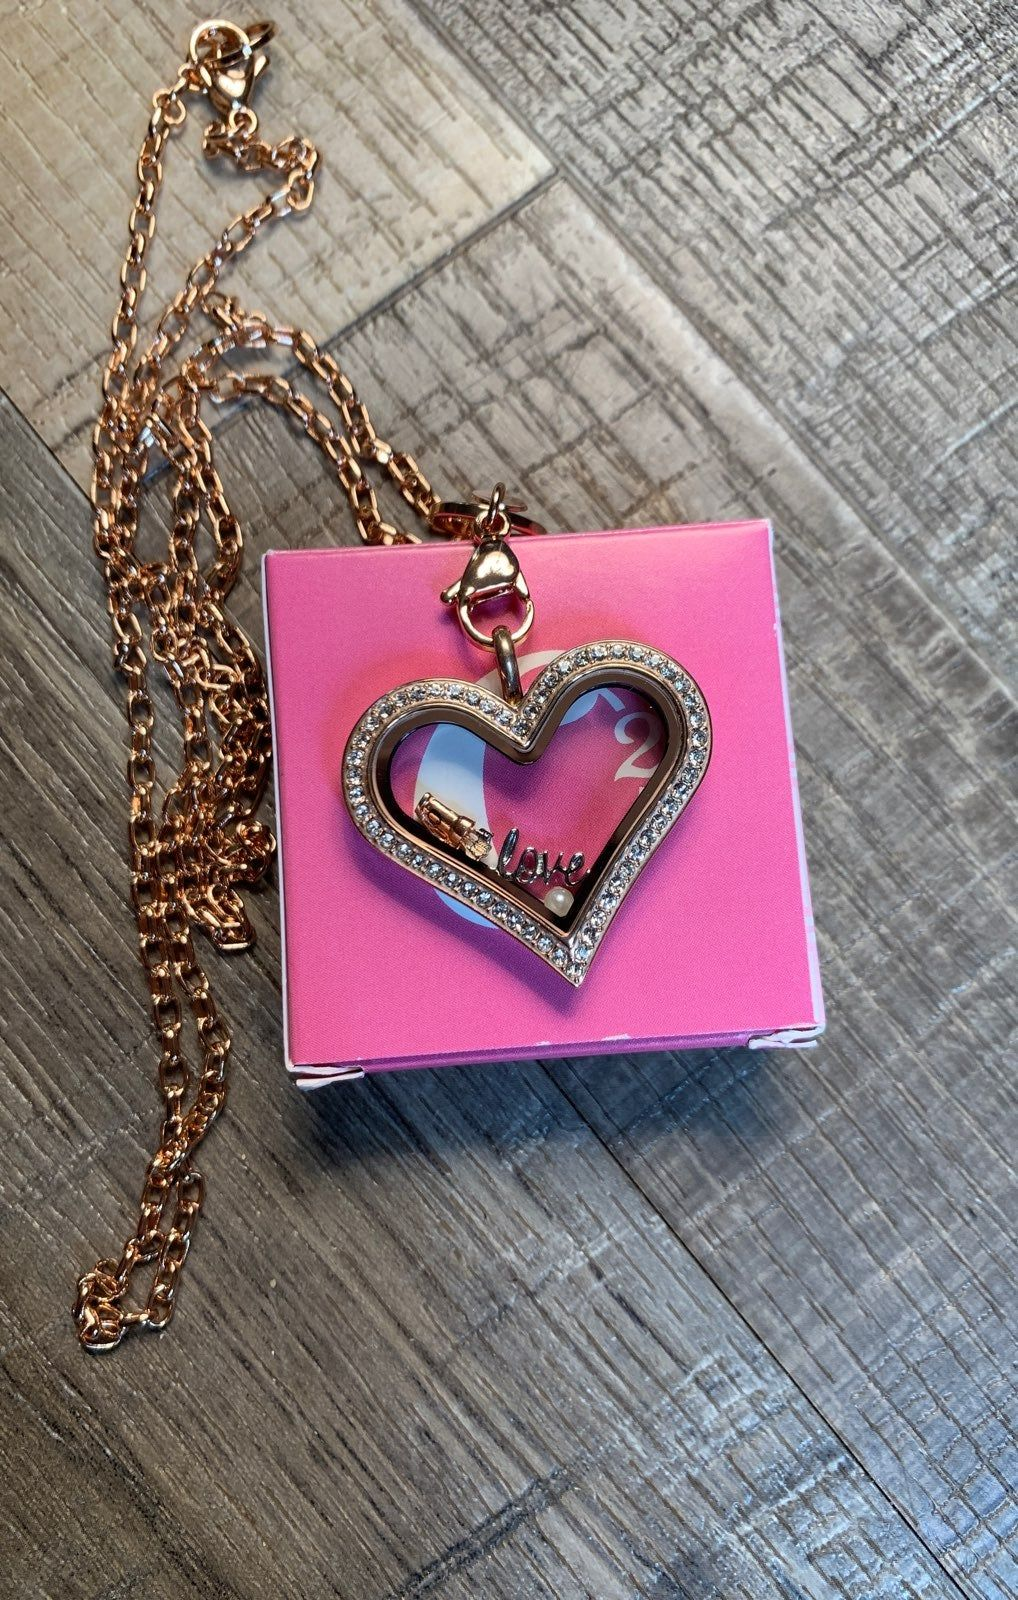 Modeschmuck Origami Owl Bracelet Rose Gold Uhren & Schmuck Modeschmuck   1600x1018